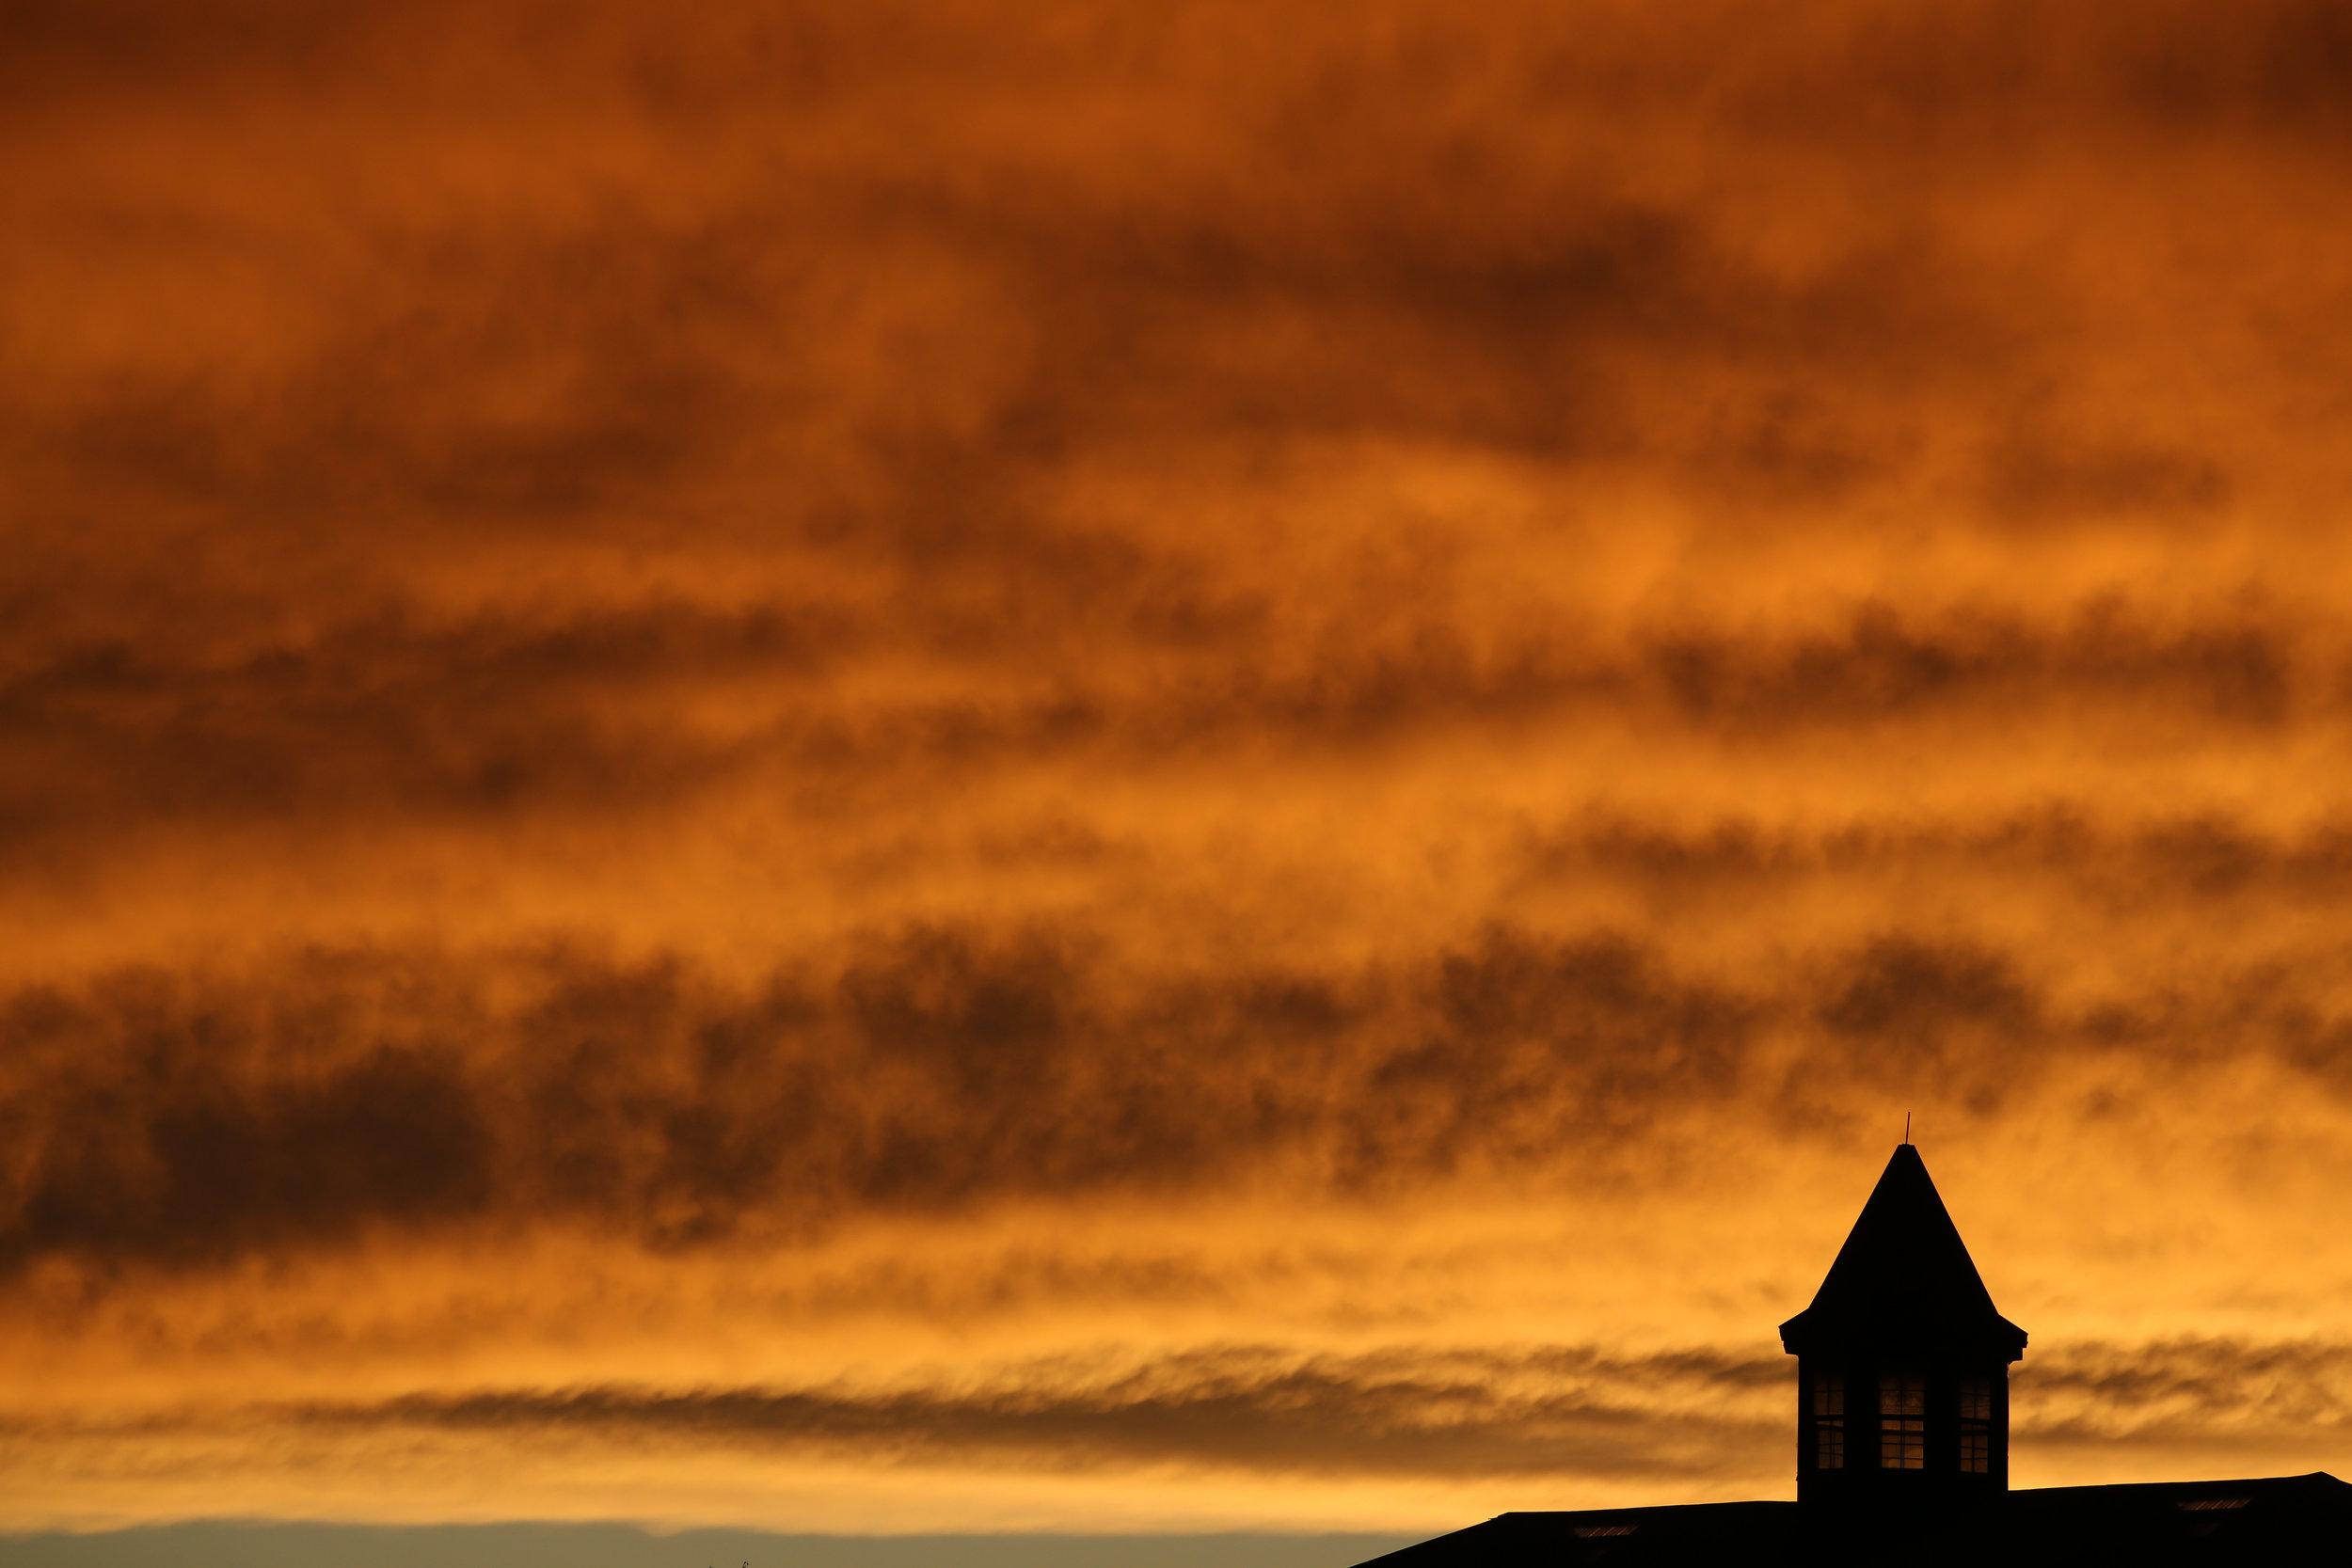 The sun sets over a horse farm on Thursday, March 31, 2016, in Lexington, Ky. (Kevin Martin)